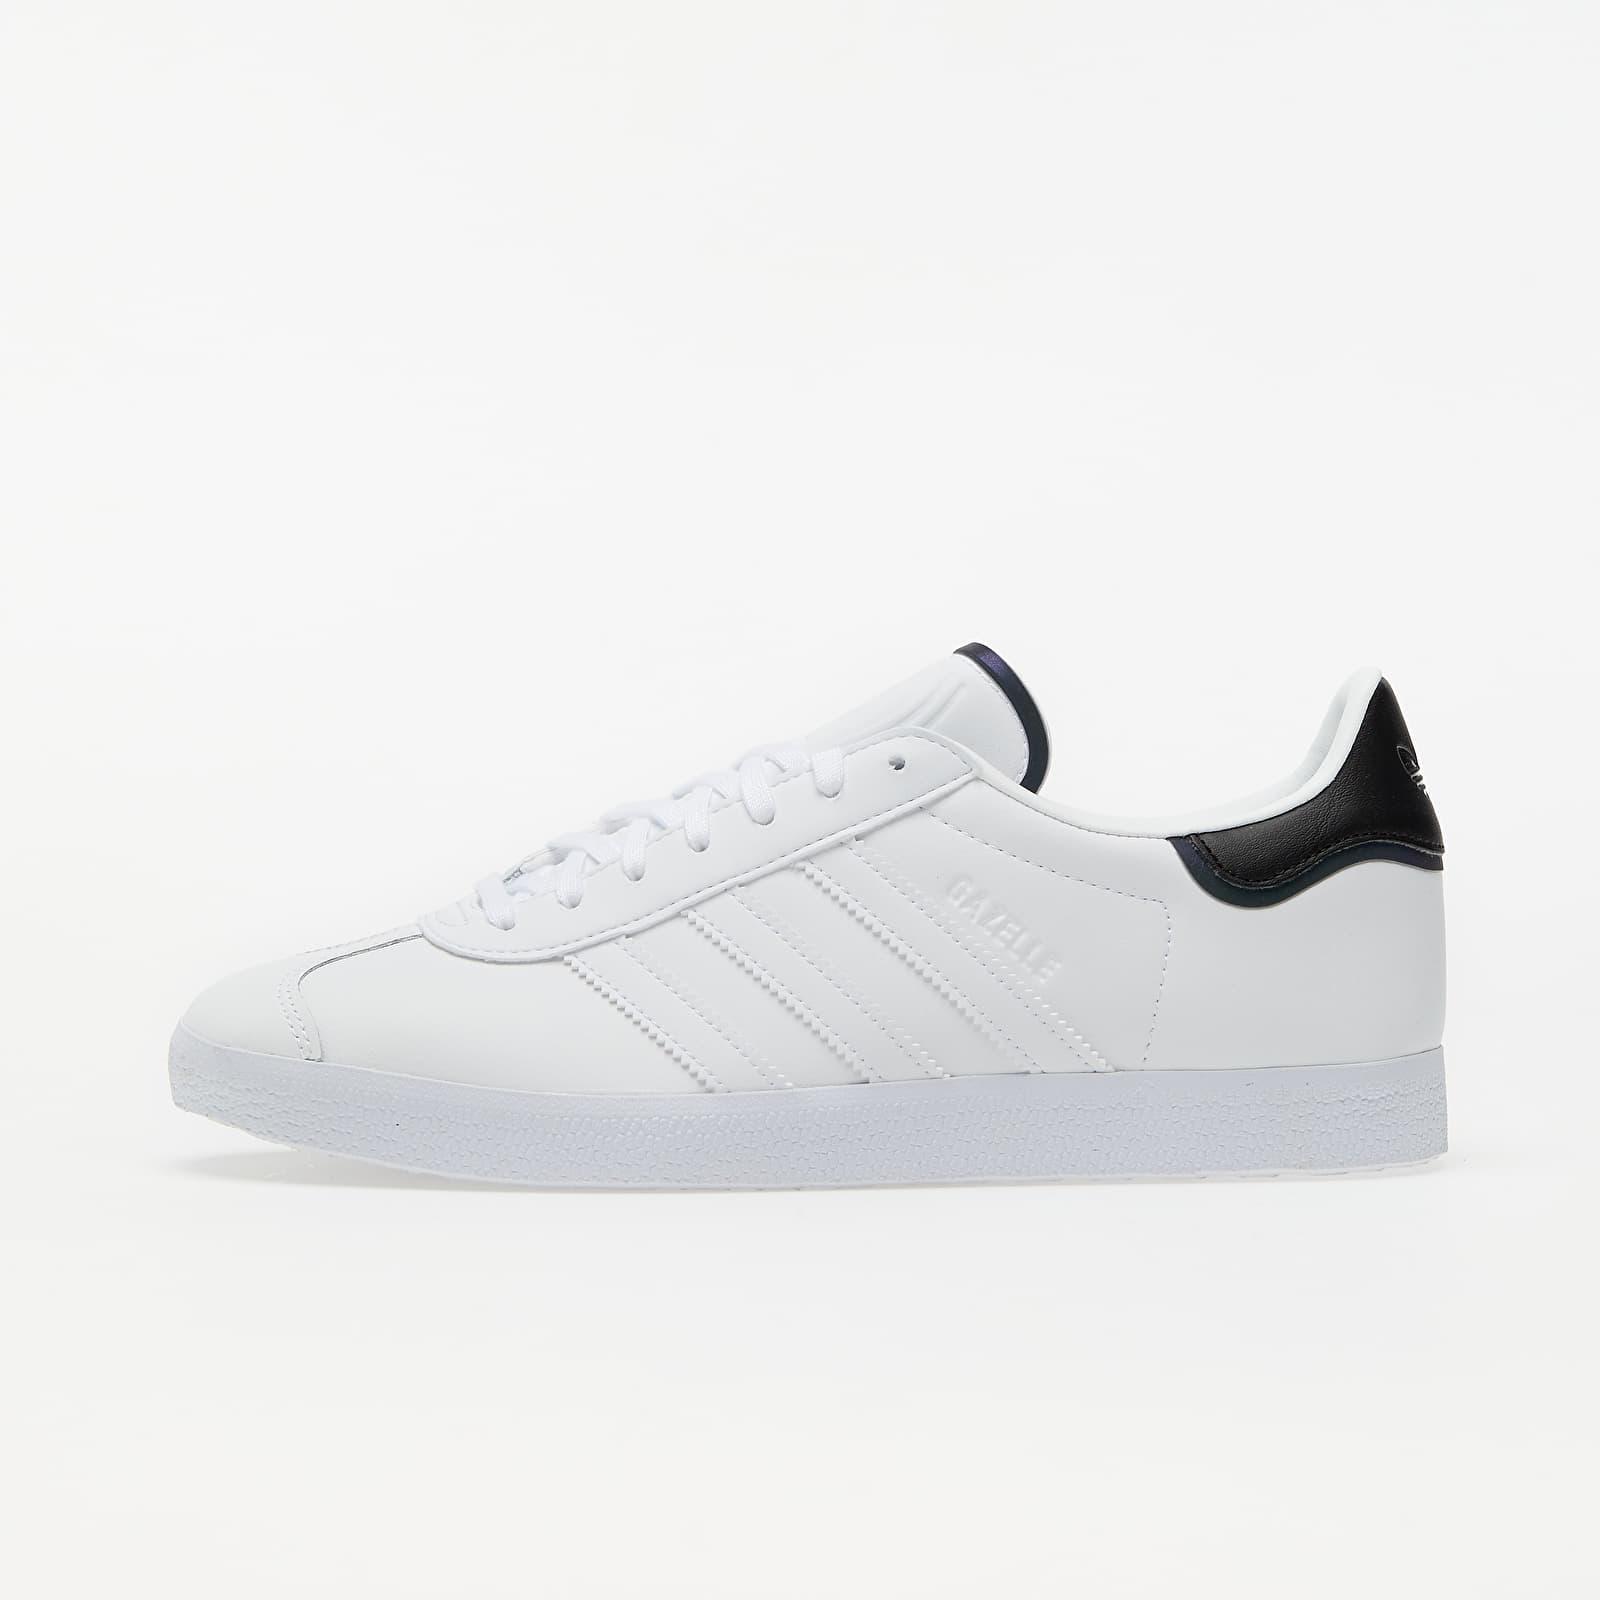 adidas Gazelle Ftw White/ Ftw White/ Core Black EUR 44